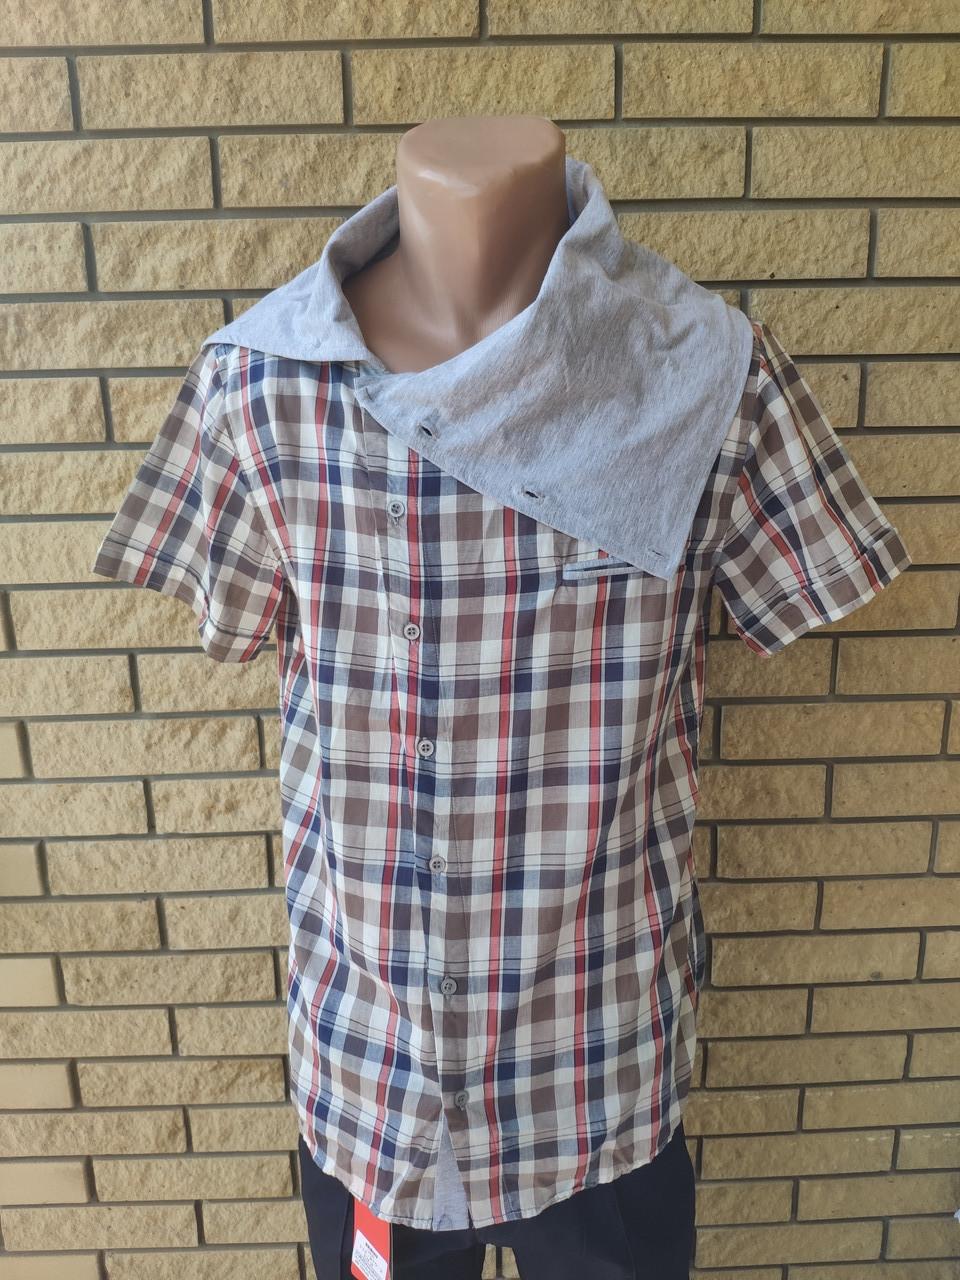 Рубашка мужская летняя коттоновая  брендовая, воротник-хомут высокого качества SCORE, Турция